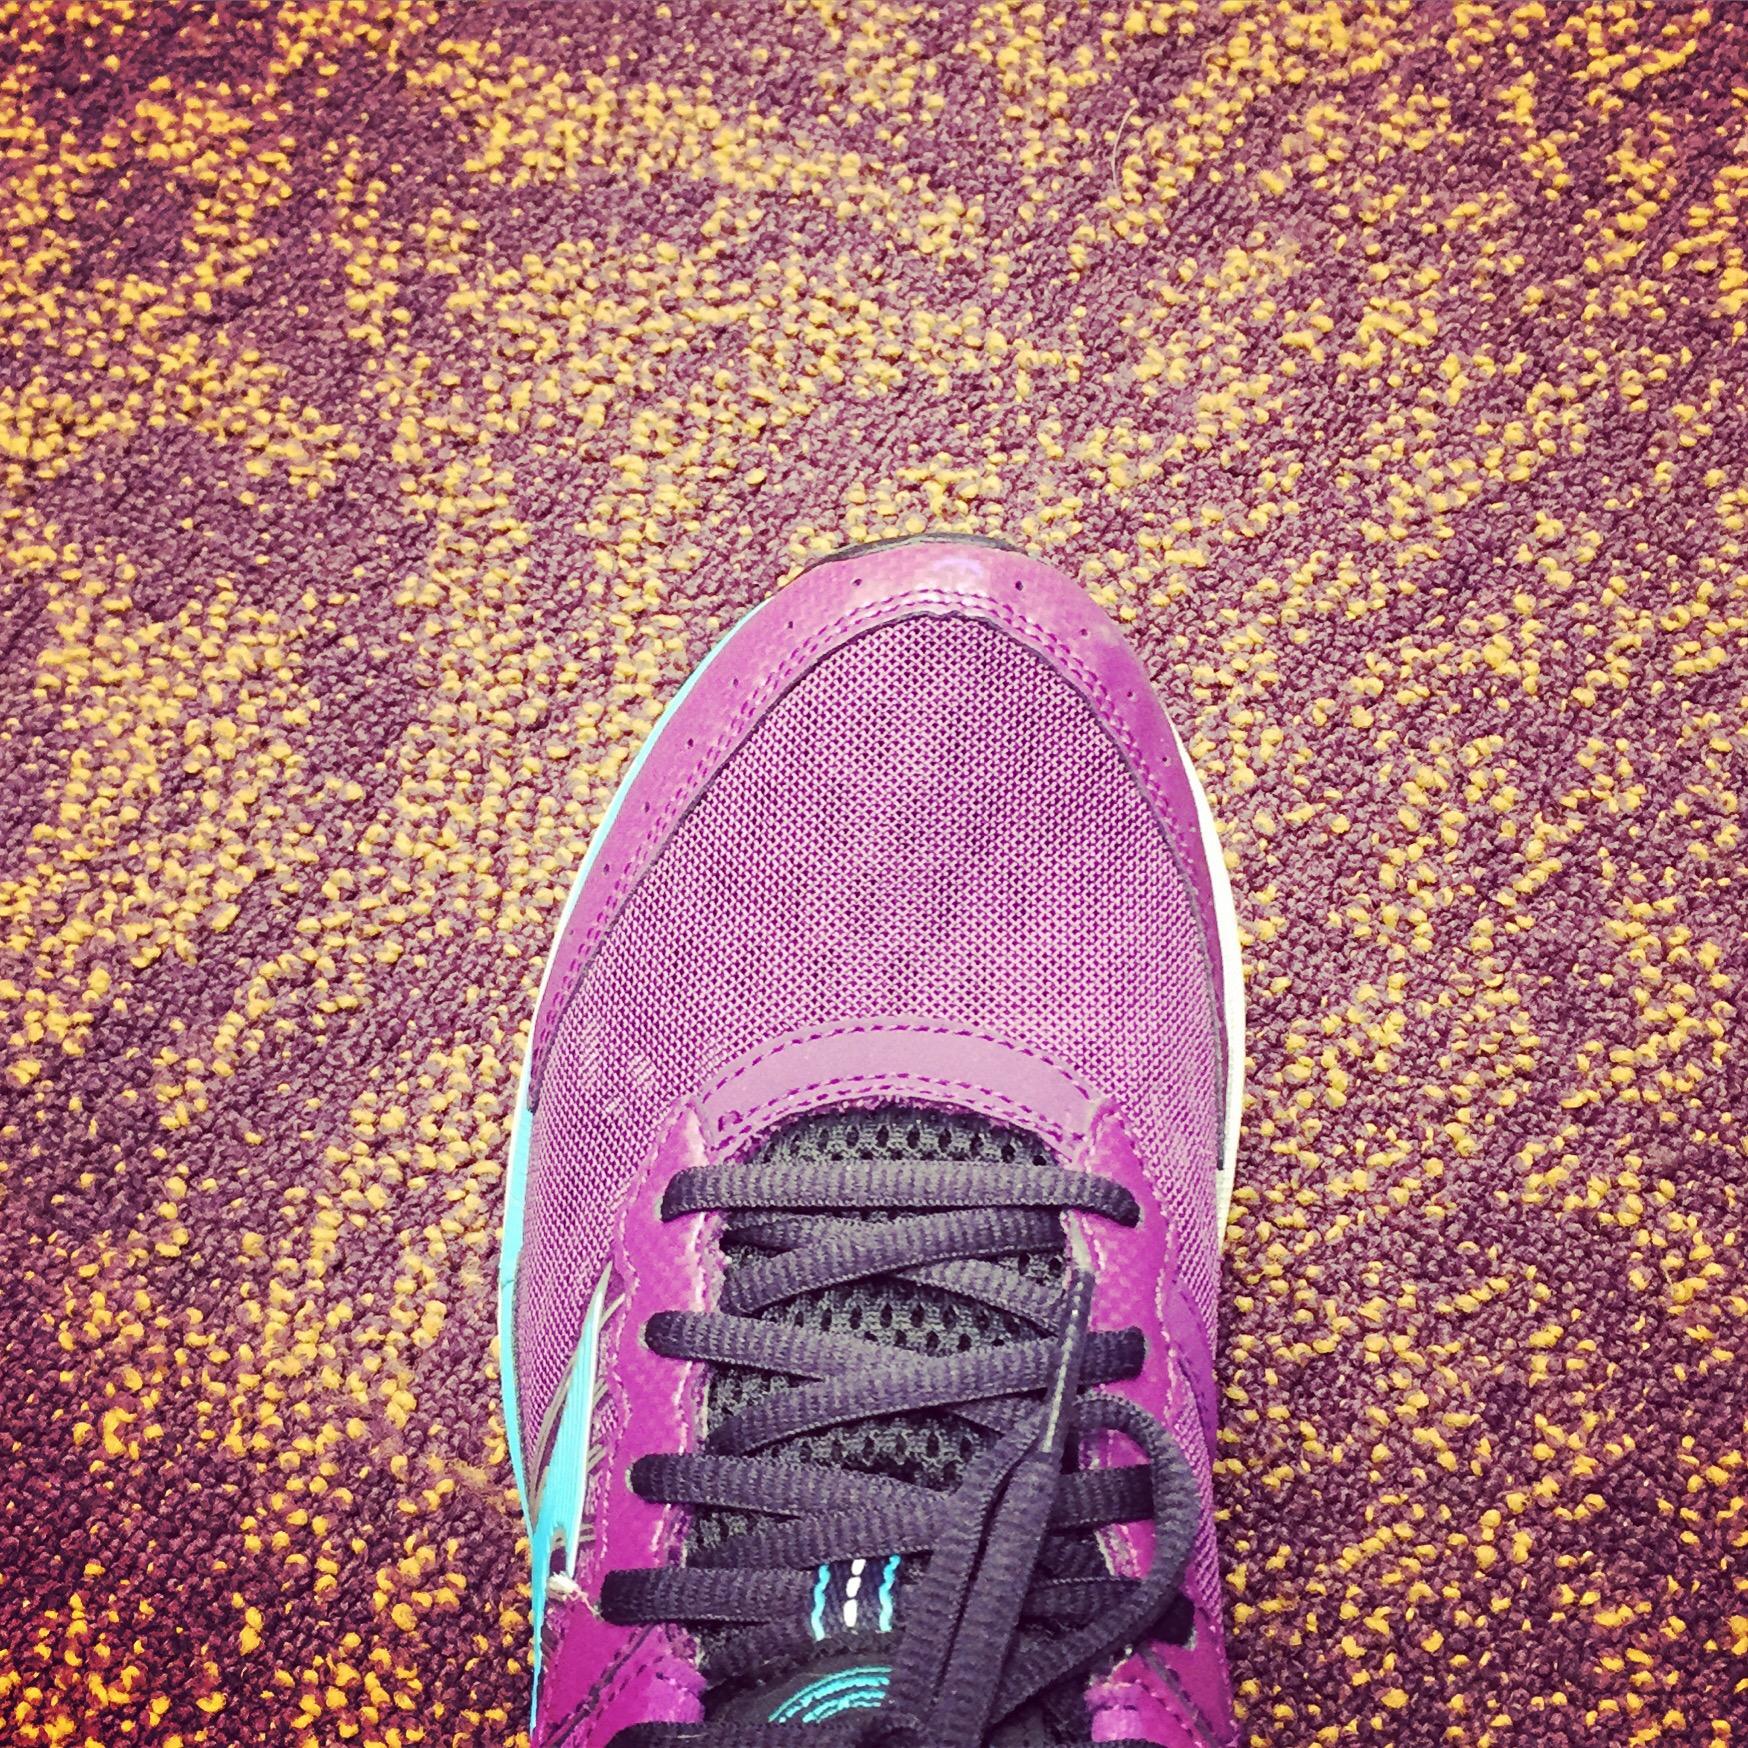 B: Matching Carpet